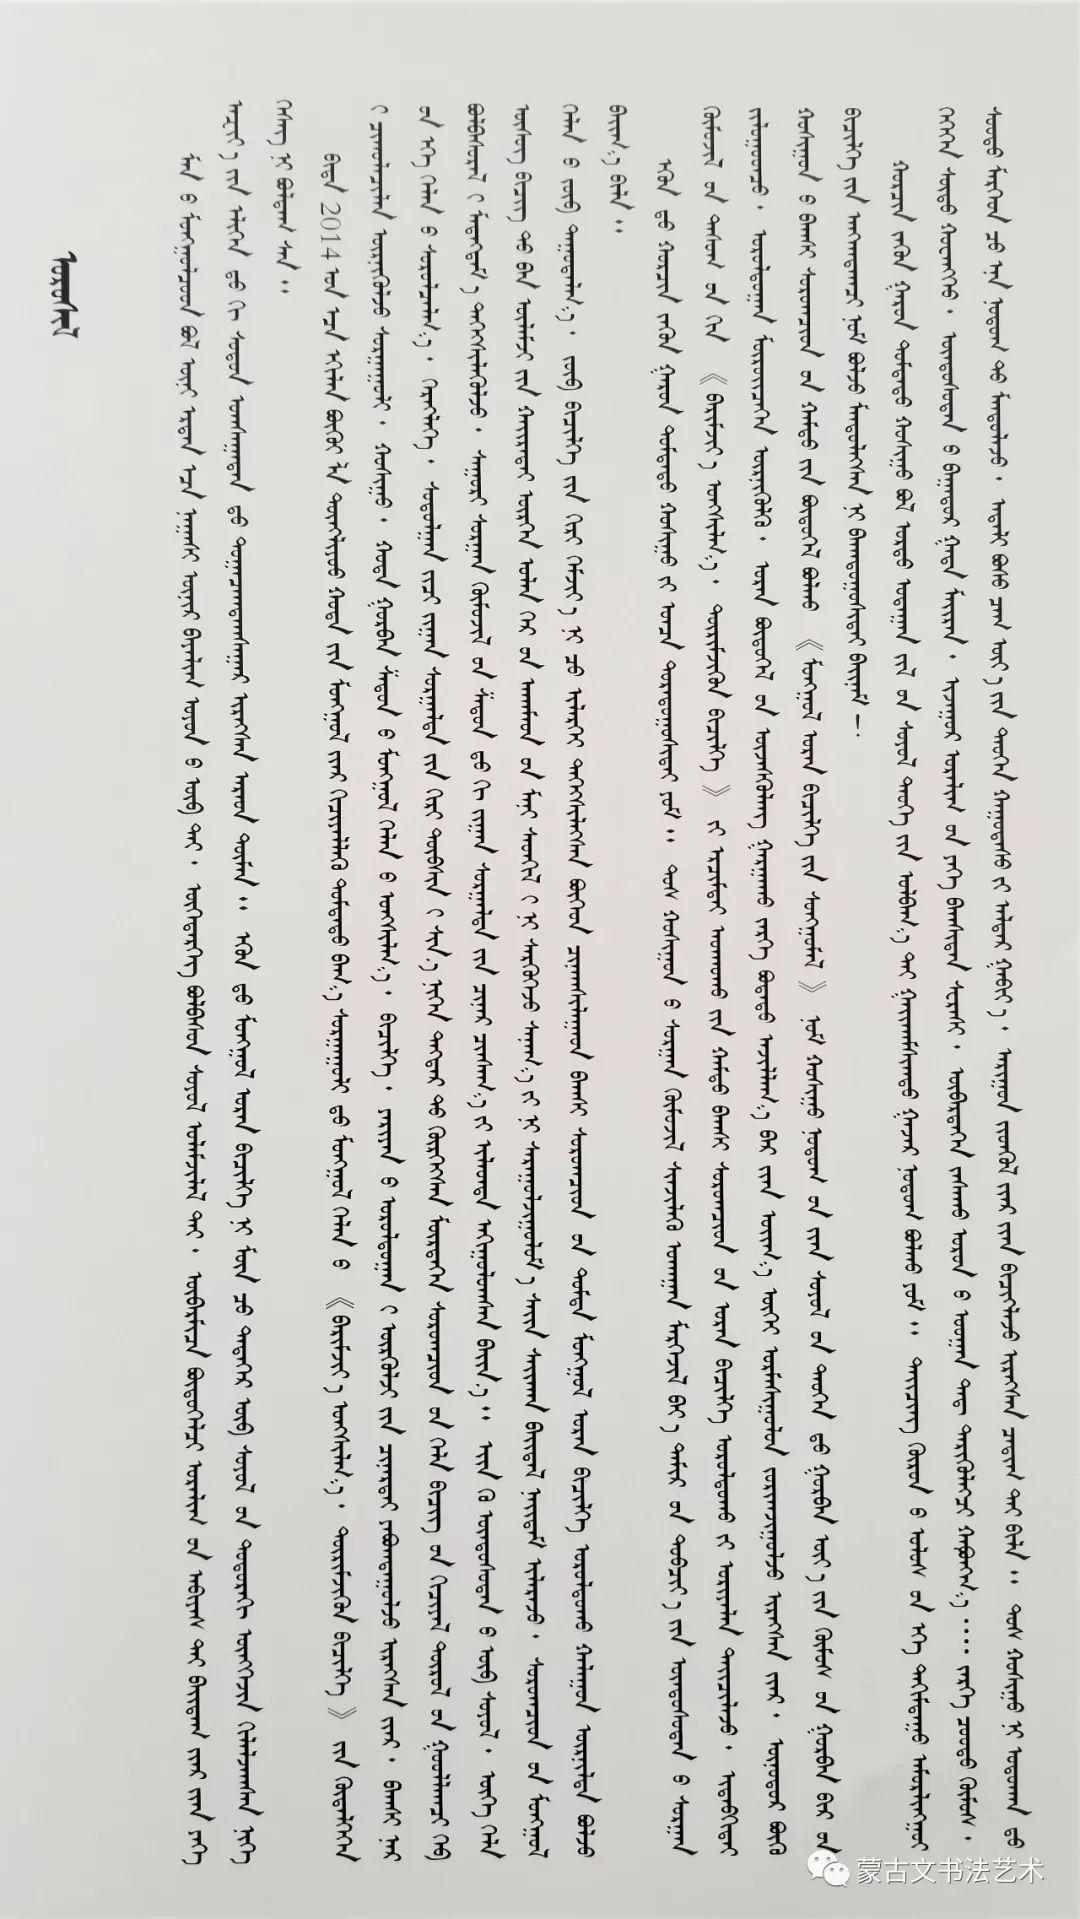 蒙古文书法作品集 第2张